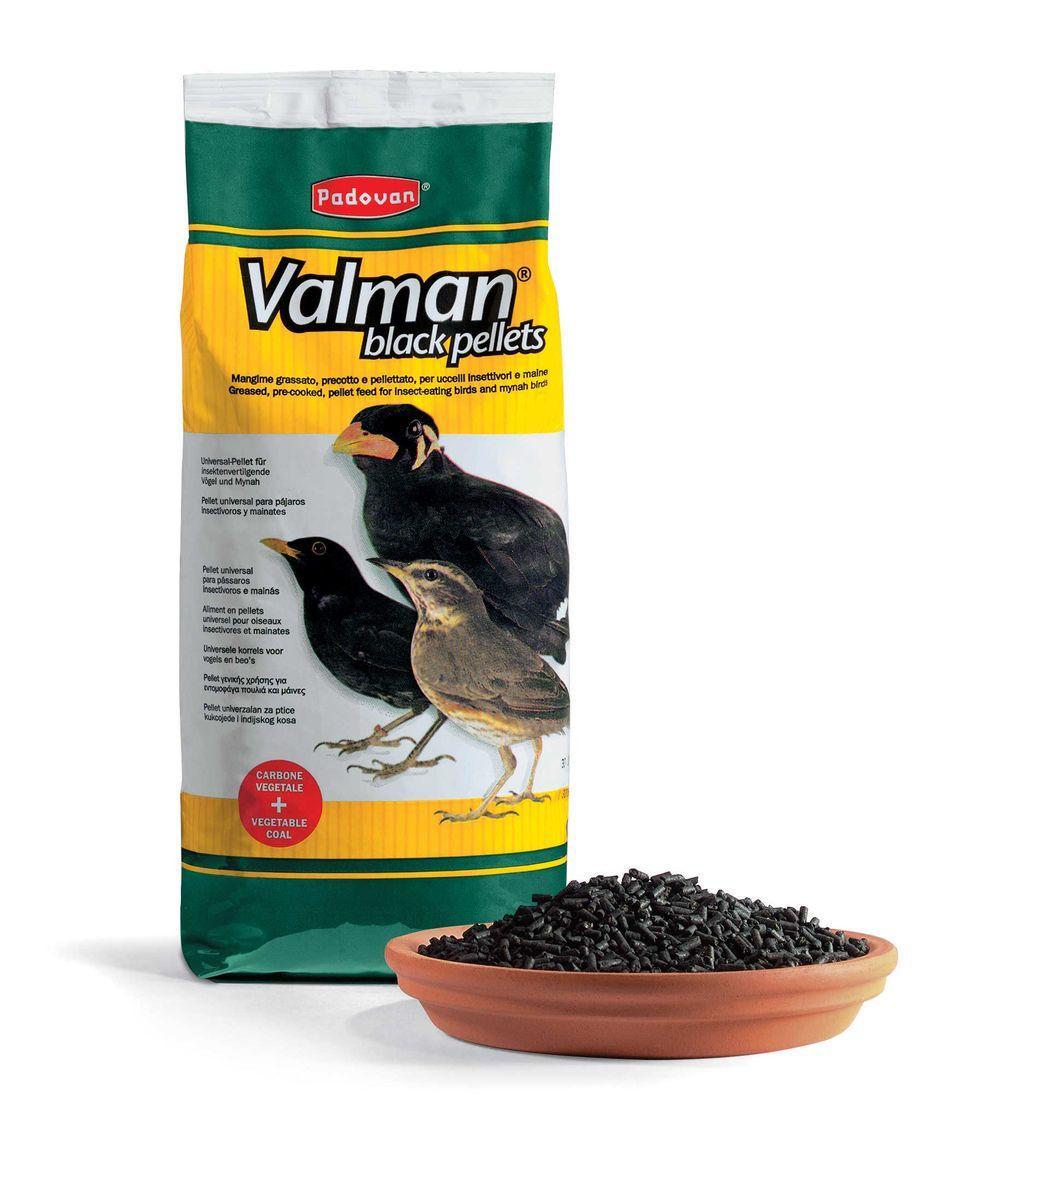 Корм Padovan Valman black pellets дополнительный для насекомоядных птиц, с активированным углем и овощами, 1 кг16900Дополнительный, с повышенным содержанием масел, обжаренный и очищенный корм с древесным углем, обогащен витаминами и аминокислотами для плодоядных и насекомоядных птиц. Особое покрытие гранул улучшает пищеварение и уменьшает запах экскриментов. Оптимальный вариант кормления – смесь с любым кормом Granpatee в соотношении 50 / 50. Состав: растительная мука: кукуруза, ячмень, соя, пшеница, подсолнечник, изюм, можжевеловые ягоды, яблоко, лярд (свиное сало), конопляные семя (1.78%), мёд, растительное масло, натуральные вкусовые добавки, антиоксиданты, консерванты, витамины, DL-метионин, L- лизин.